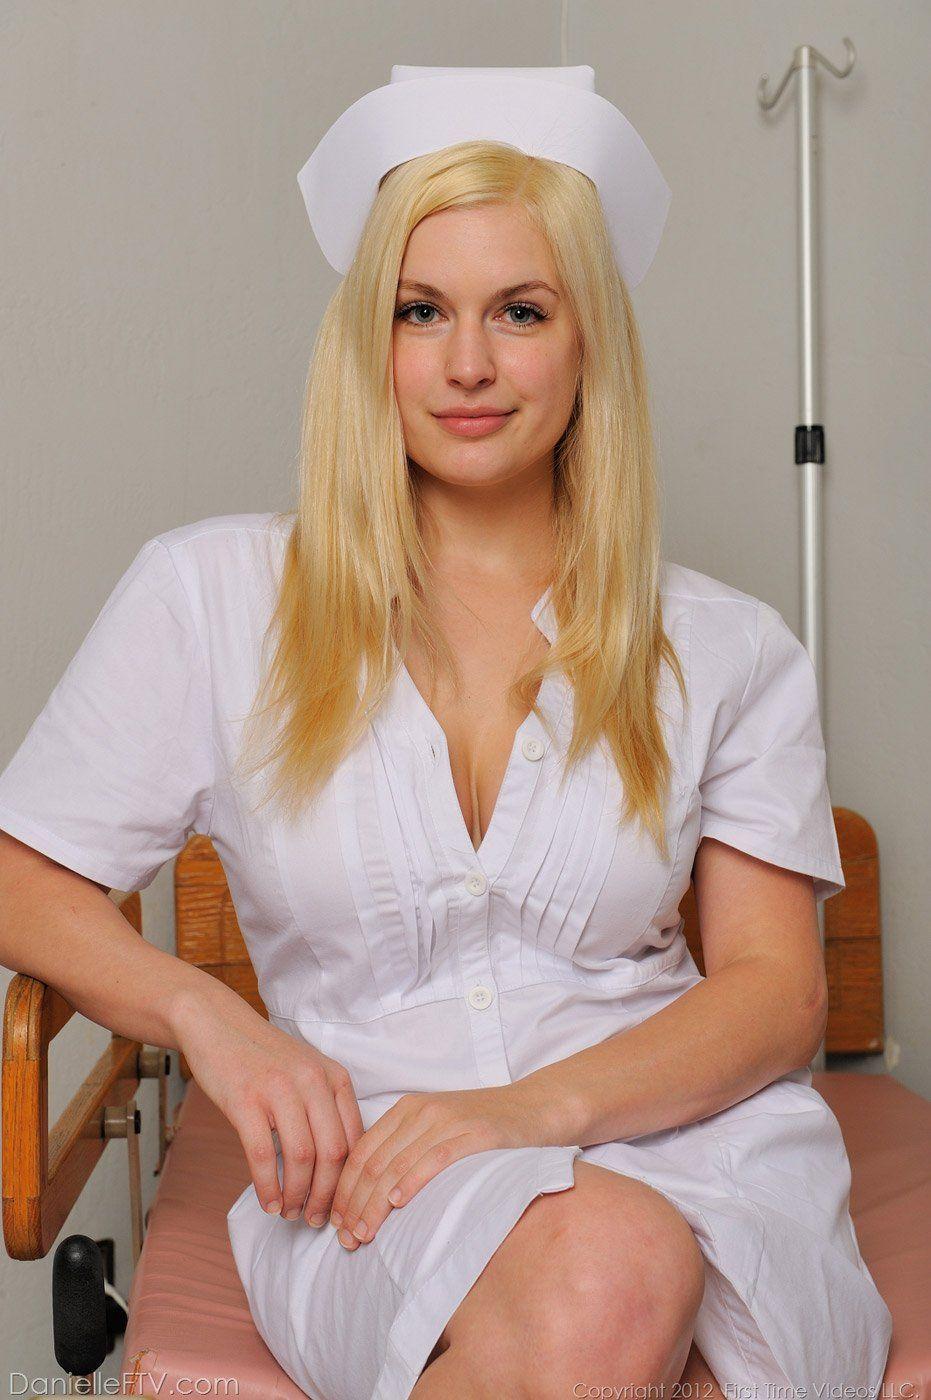 Enfermeira Danielle Pagando Boquete e Trepando com Médico